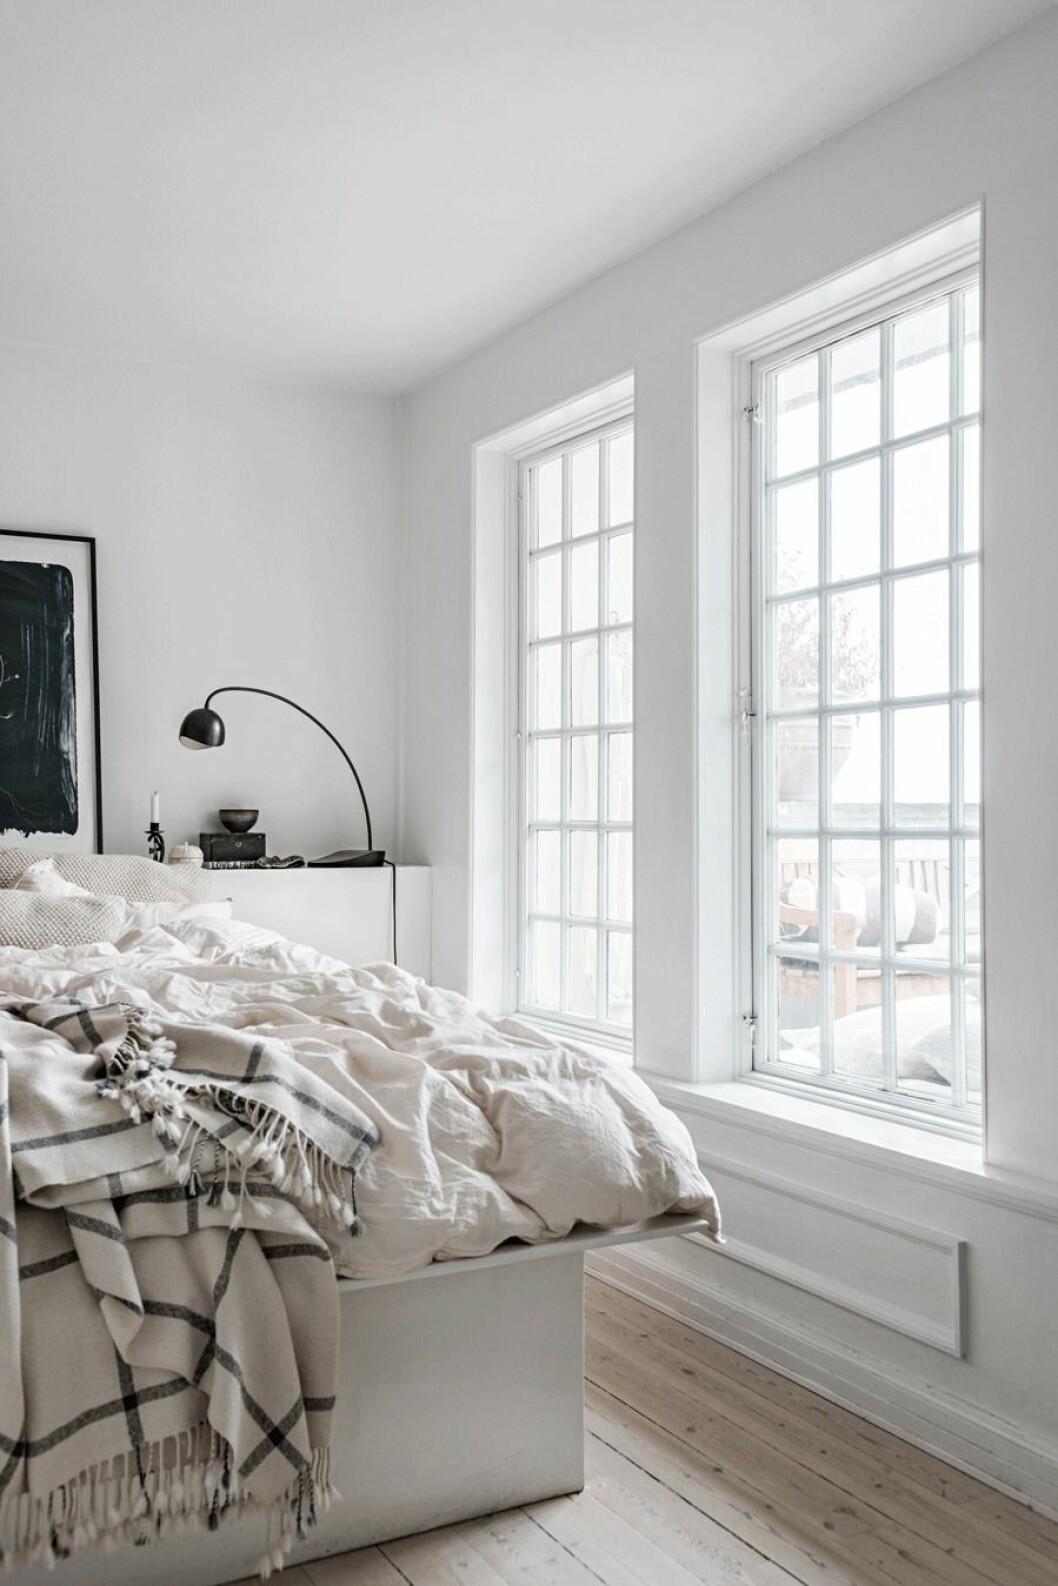 Sovrum med ljus, vit interiör